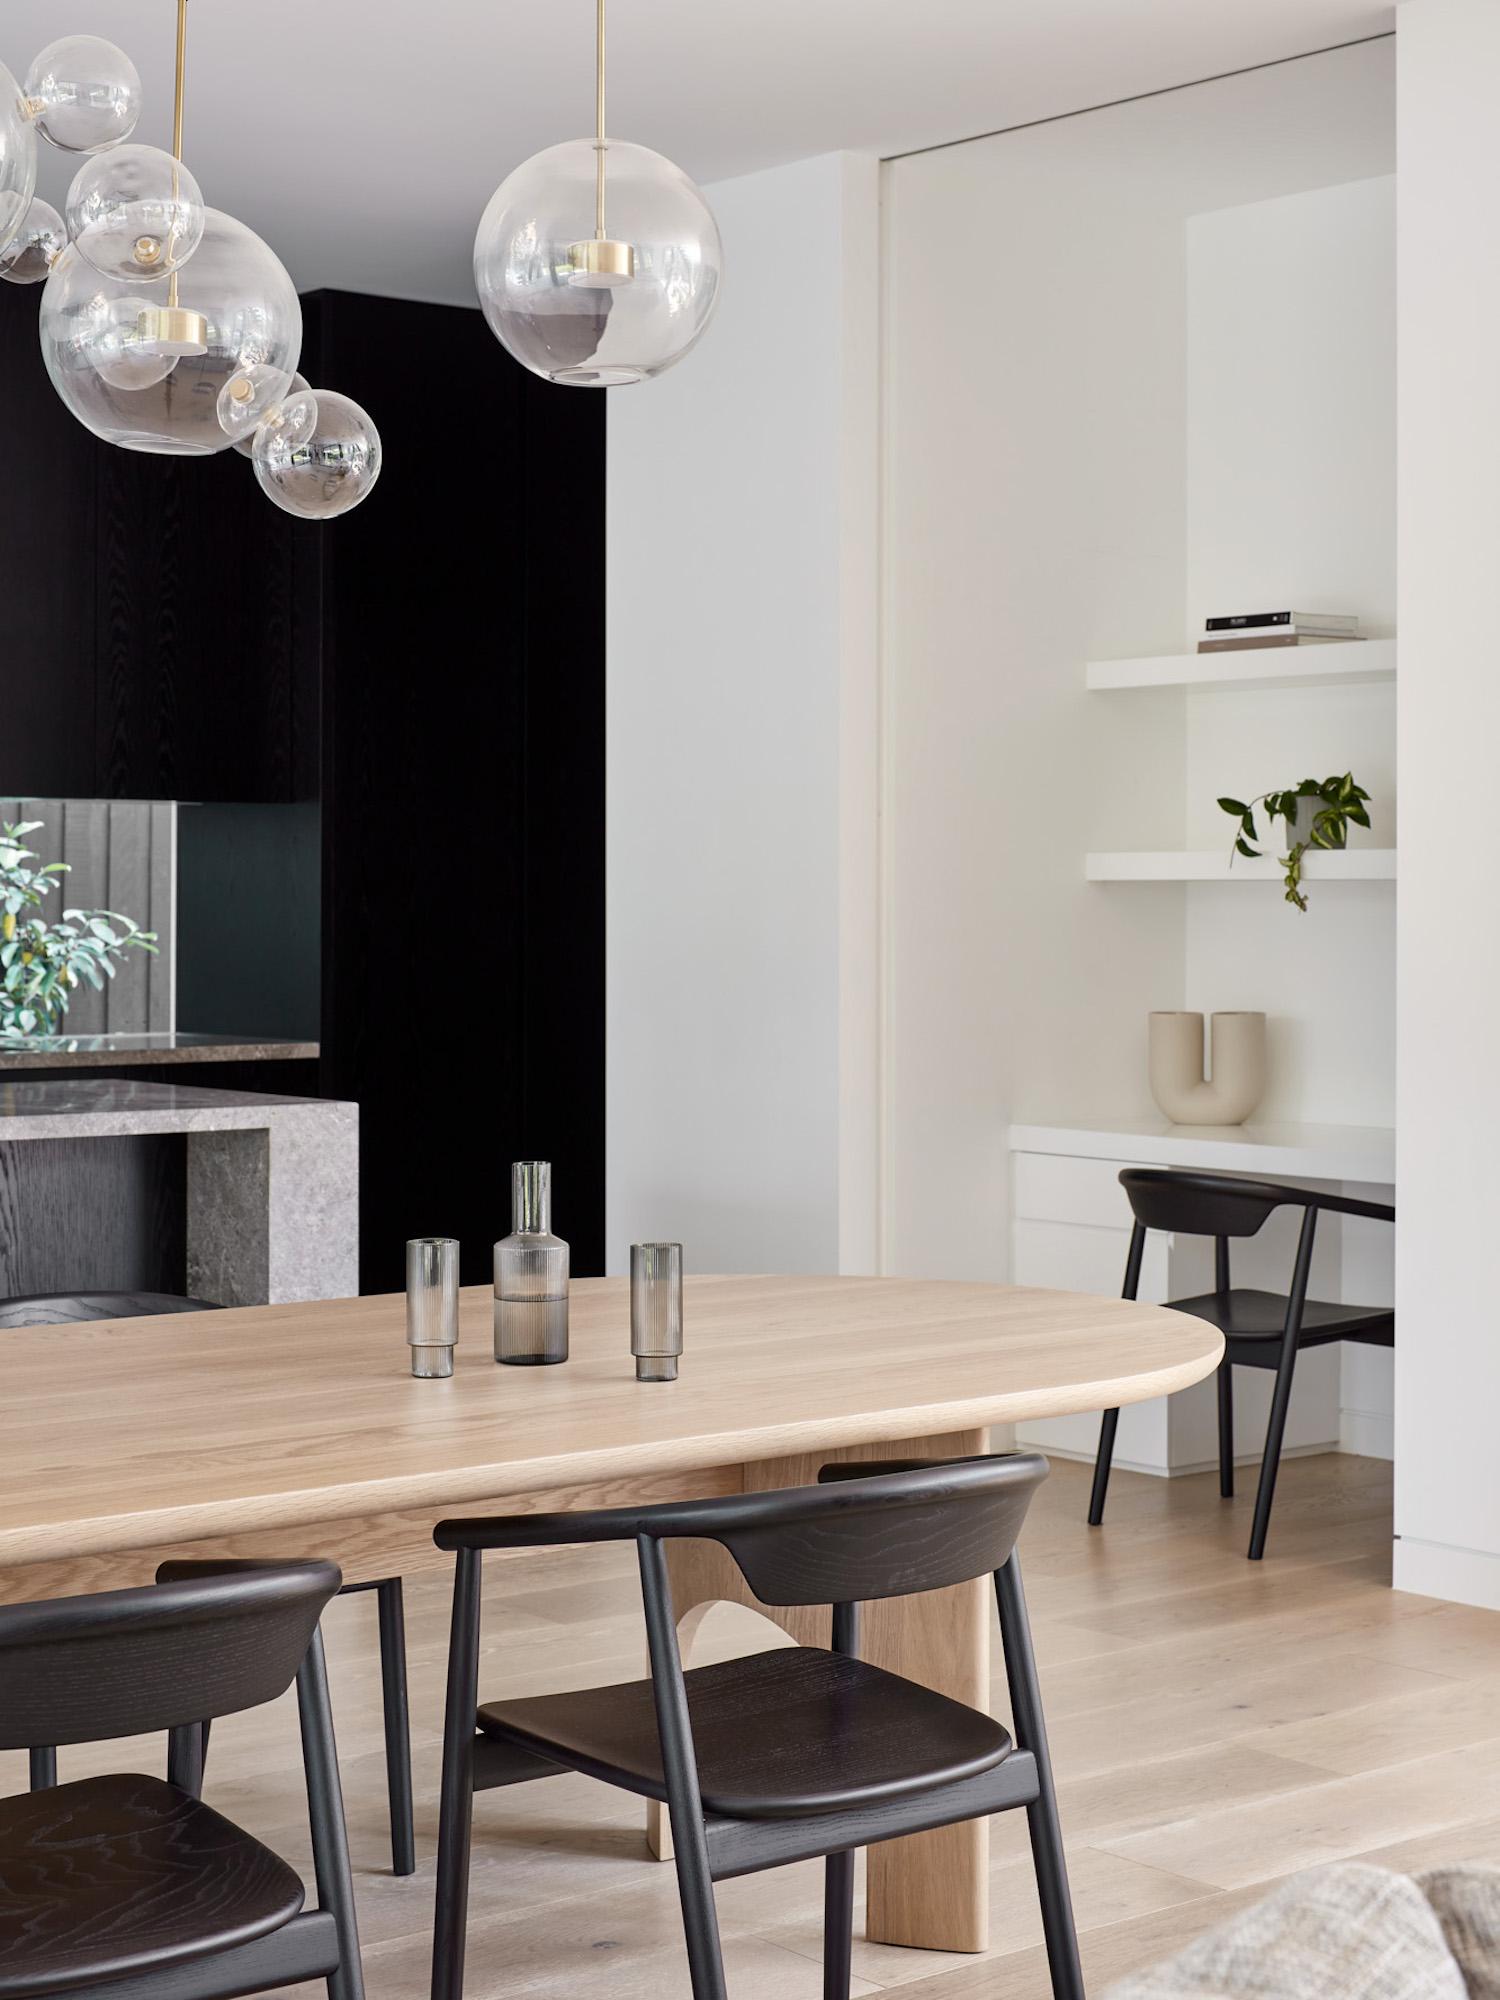 est living vincent house borland architecture 7 1